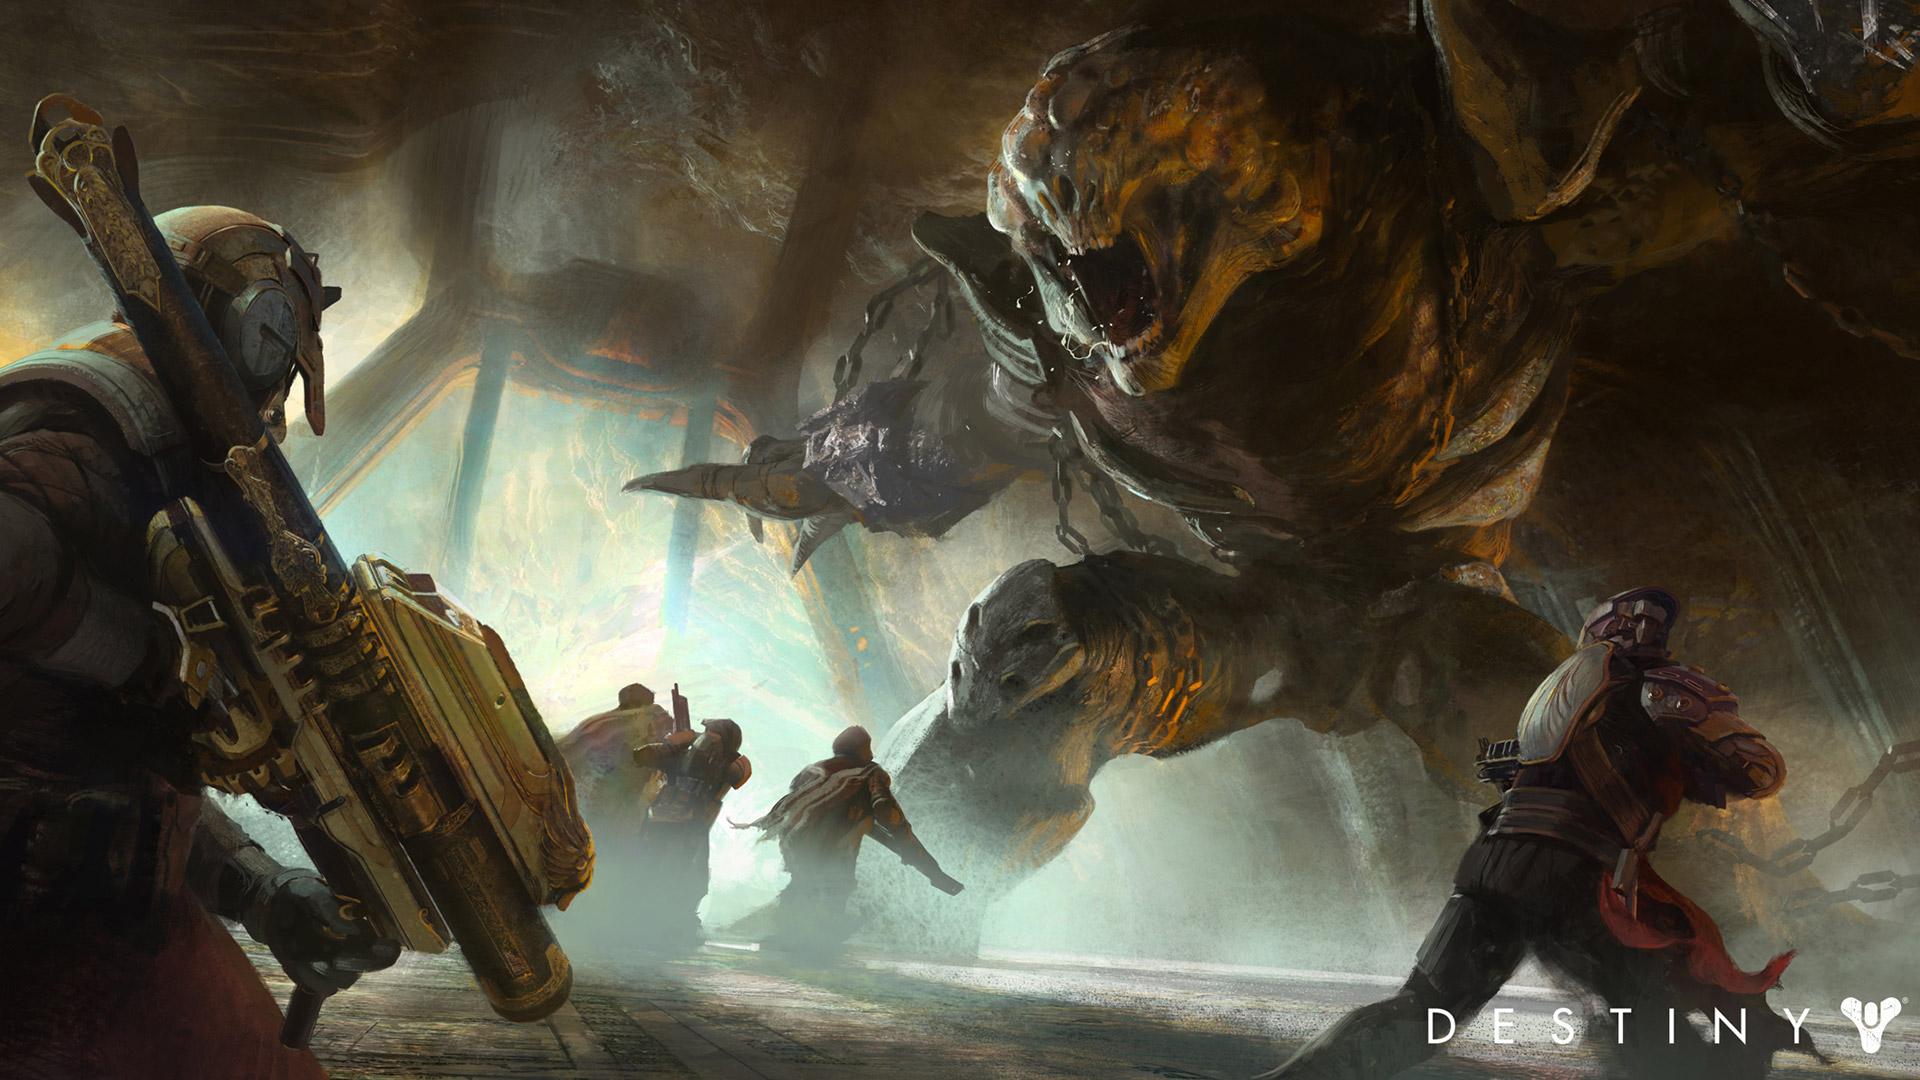 Destiny wallpaper 20